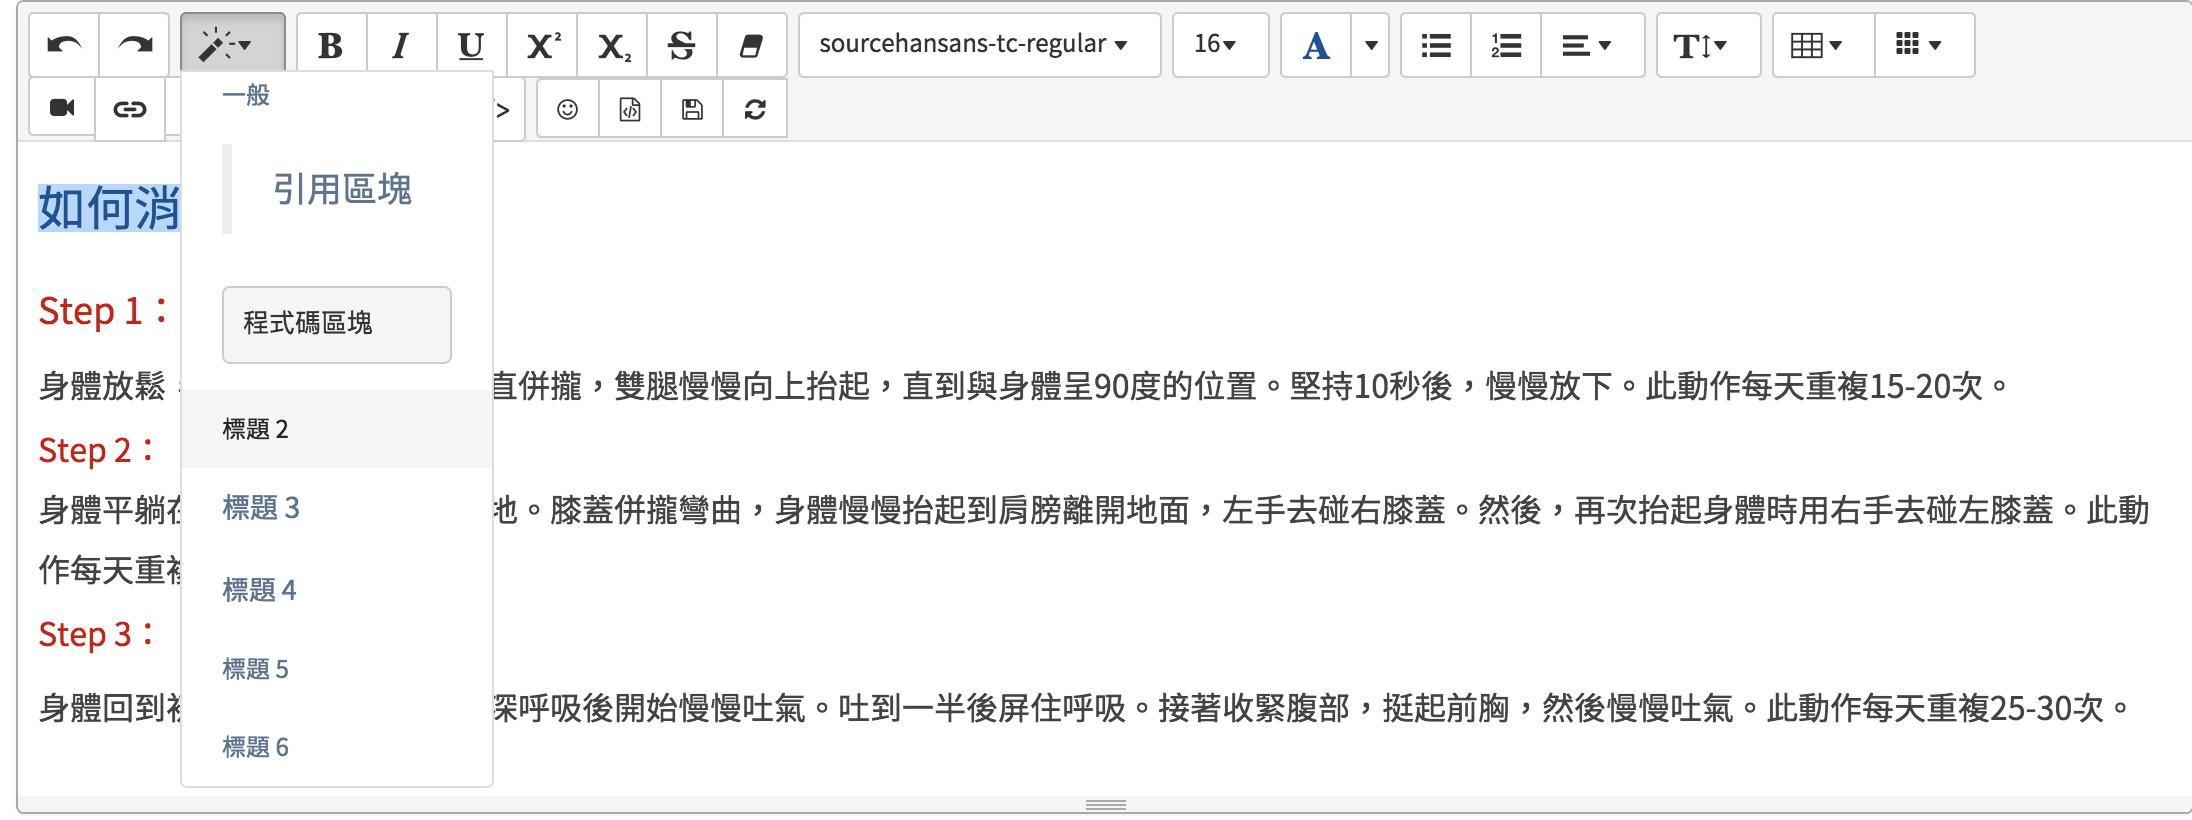 精選摘要內容文案優化範例-鯊客科技SEO優化公司